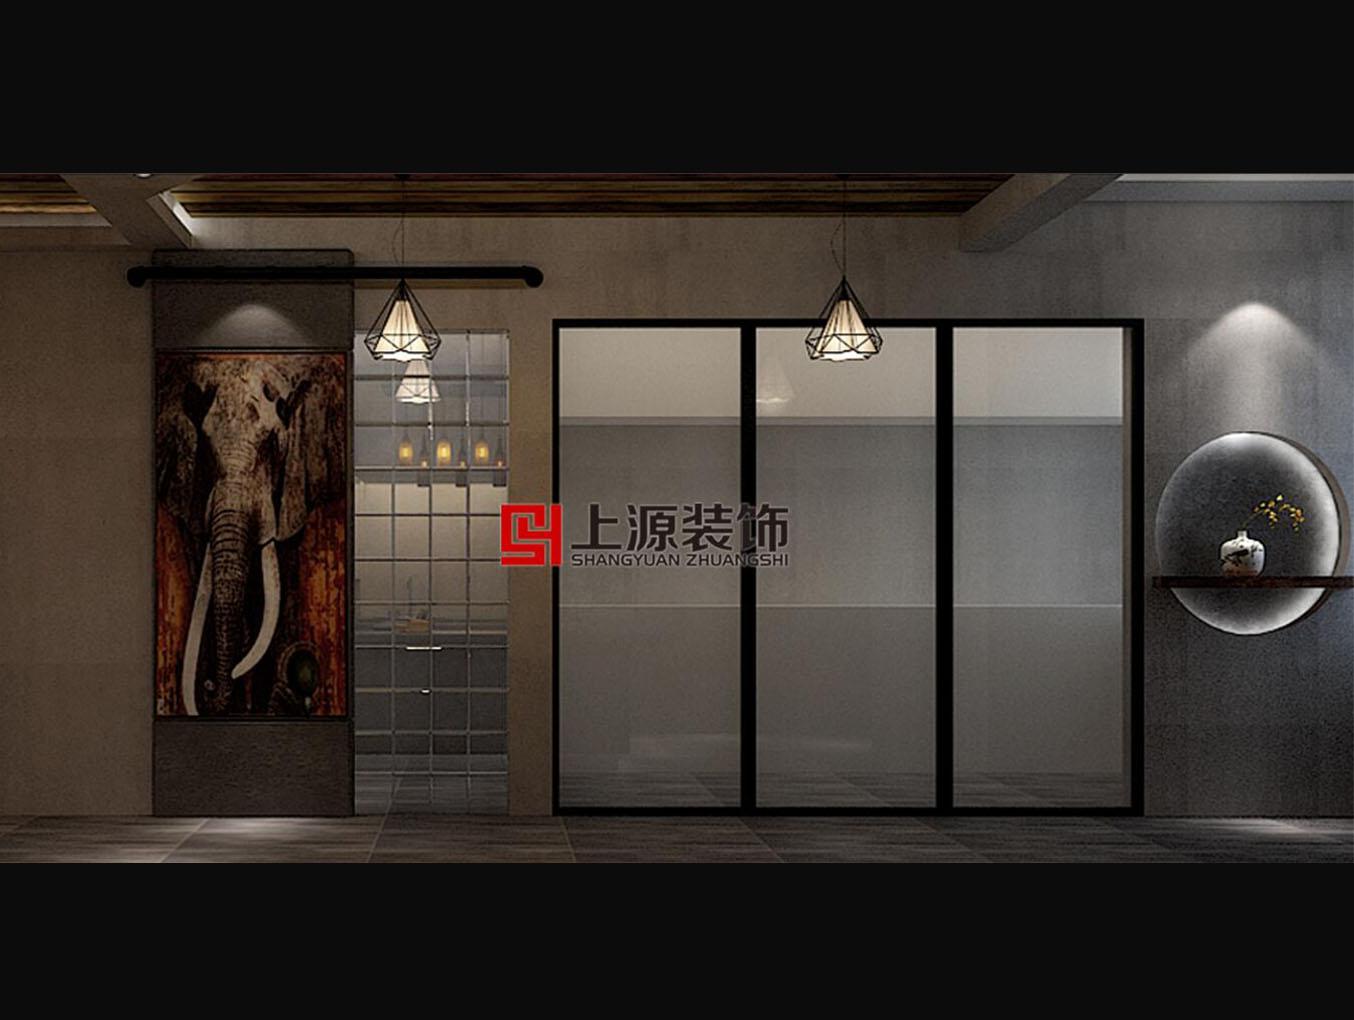 别墅样板间设计 280㎡ 美式工业风格 青岛别墅设计团队